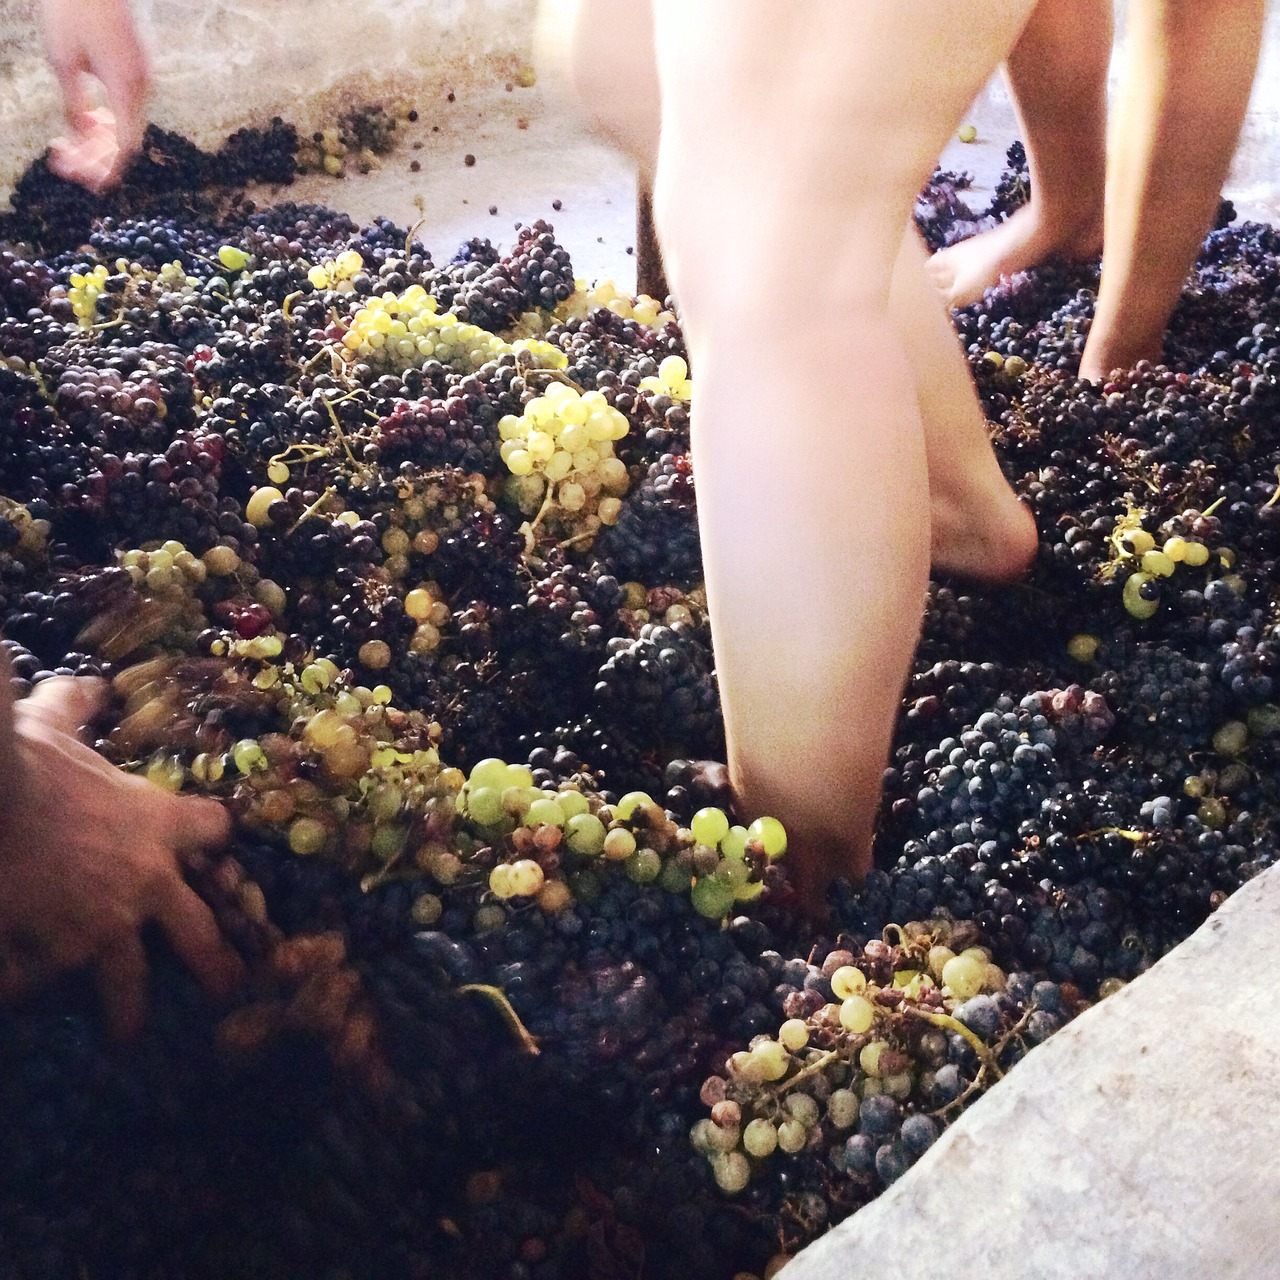 Зачем топтать вино ногами?  Источник: Зачем топтать вино ногами? факты